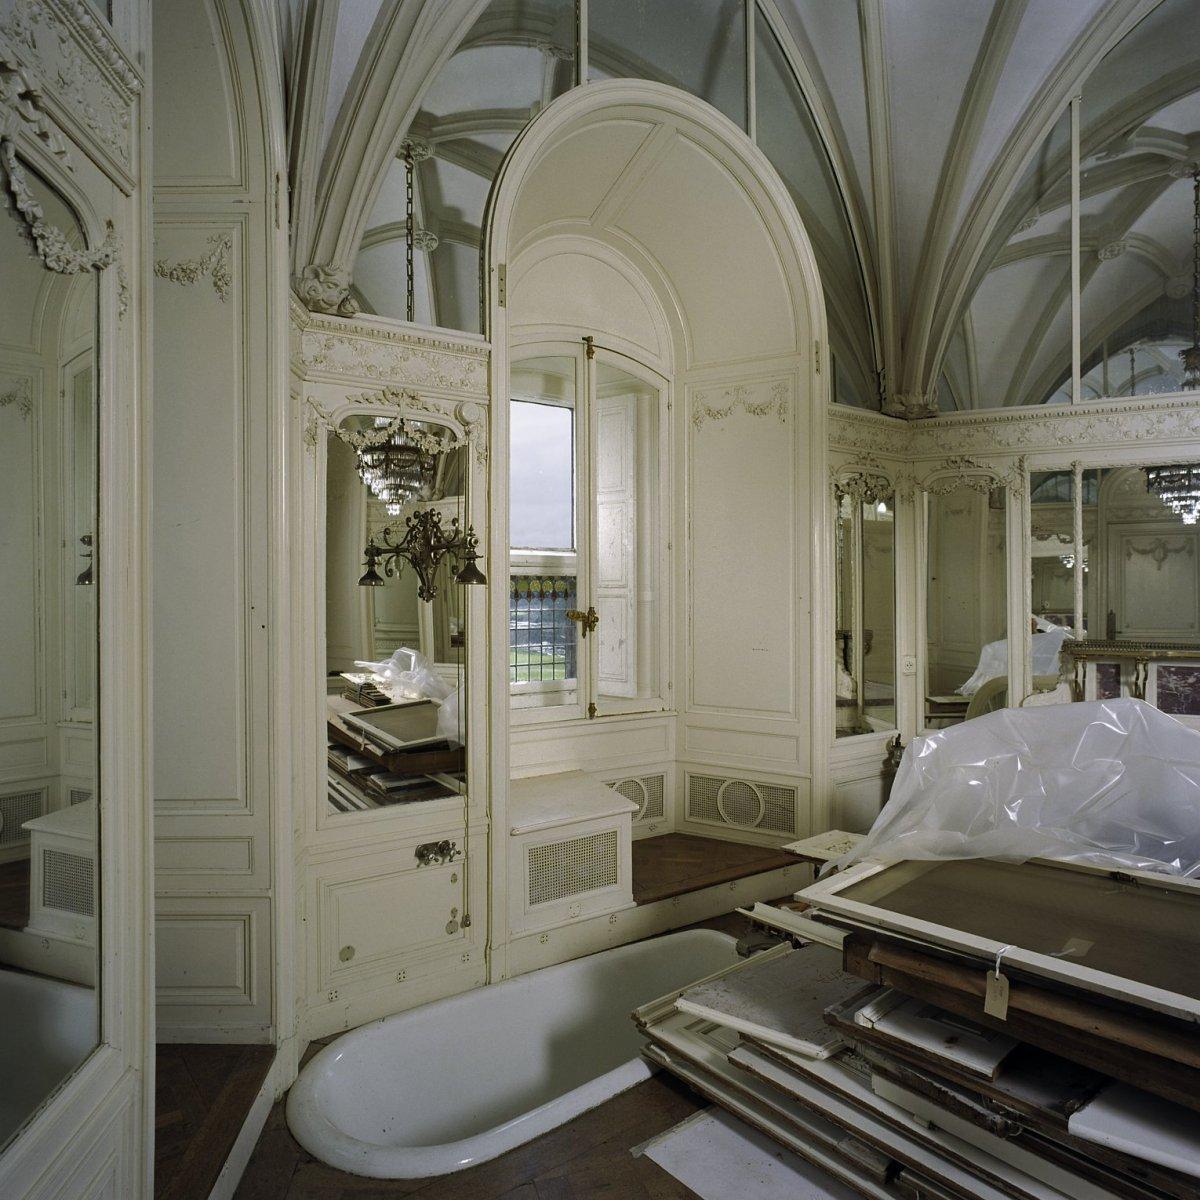 File vertrek badkamer bij kamer 1 interieur met onder andere verzonken bad rechts - Kamer badkamer ...